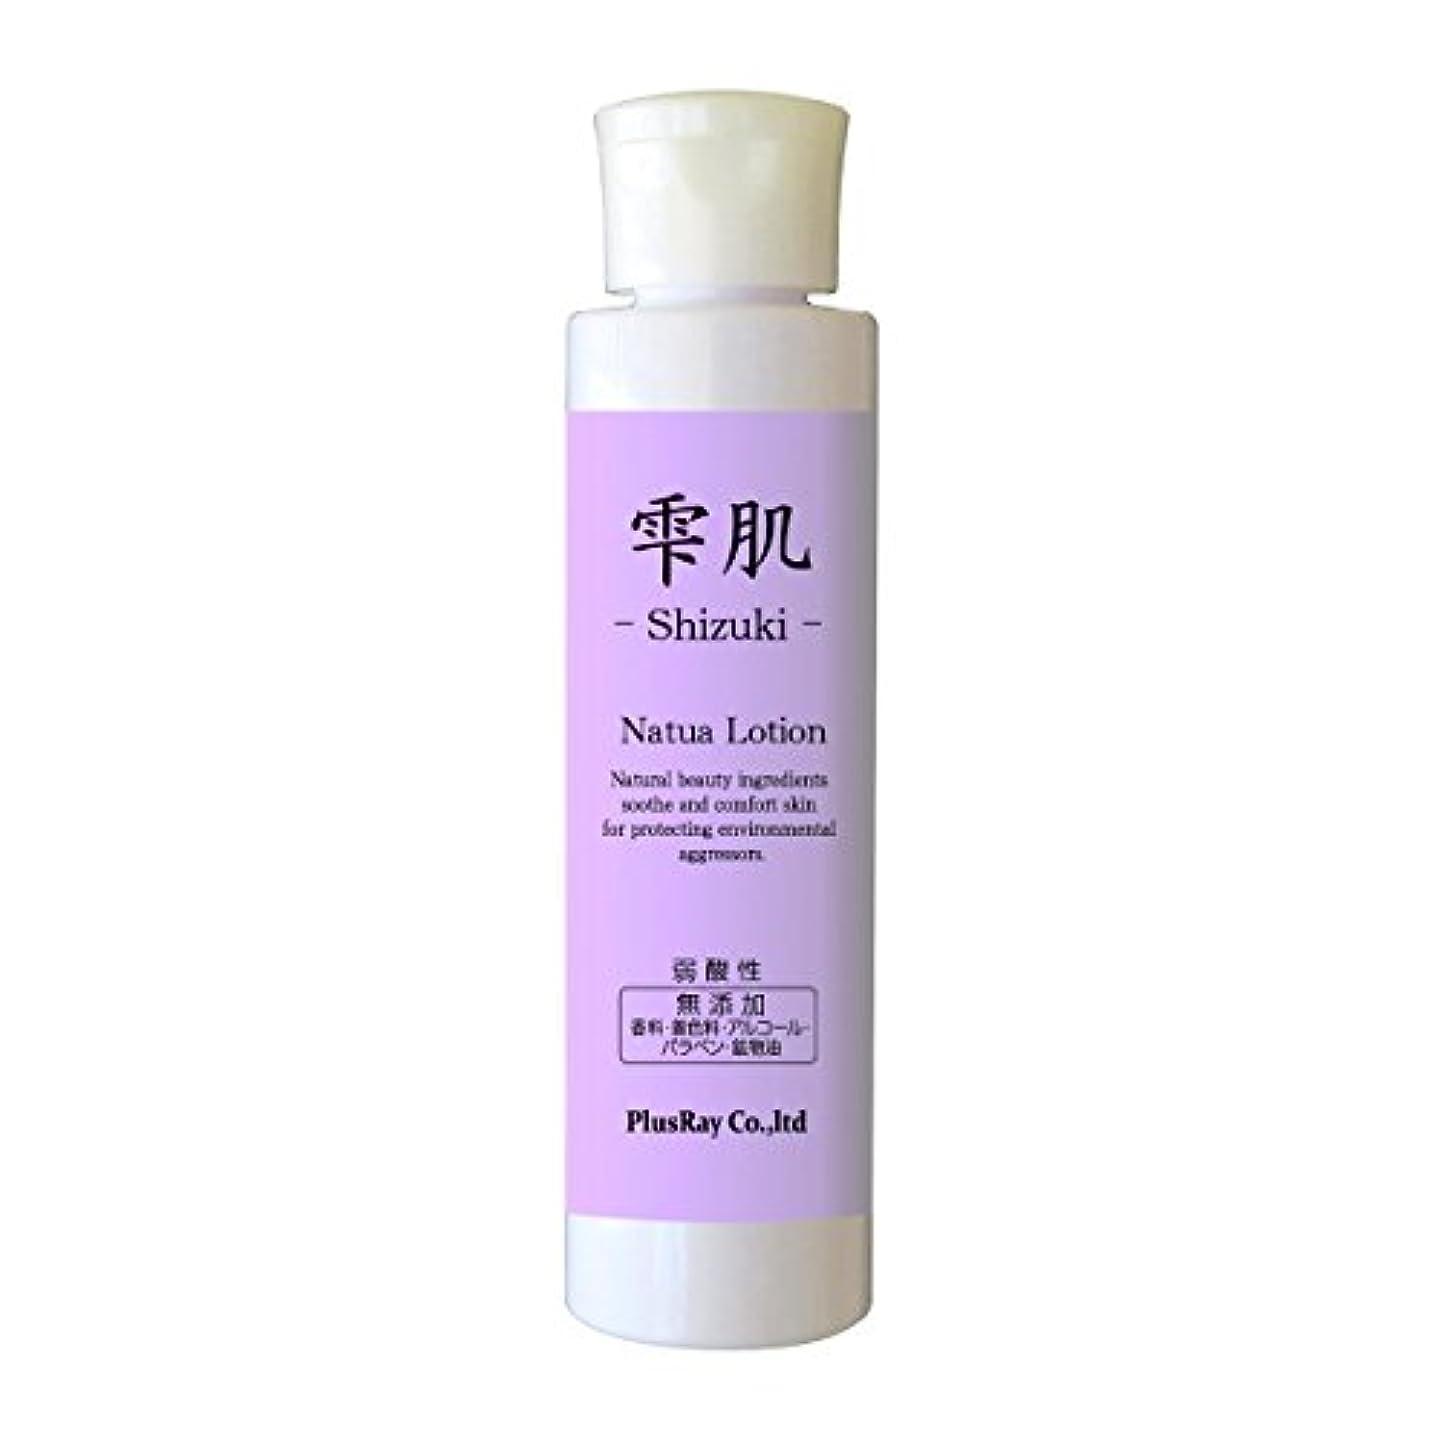 隙間純度皿プラスレイ(PlusRay)化粧品 ナチュアローション 雫肌 しづき アズレン 化粧水